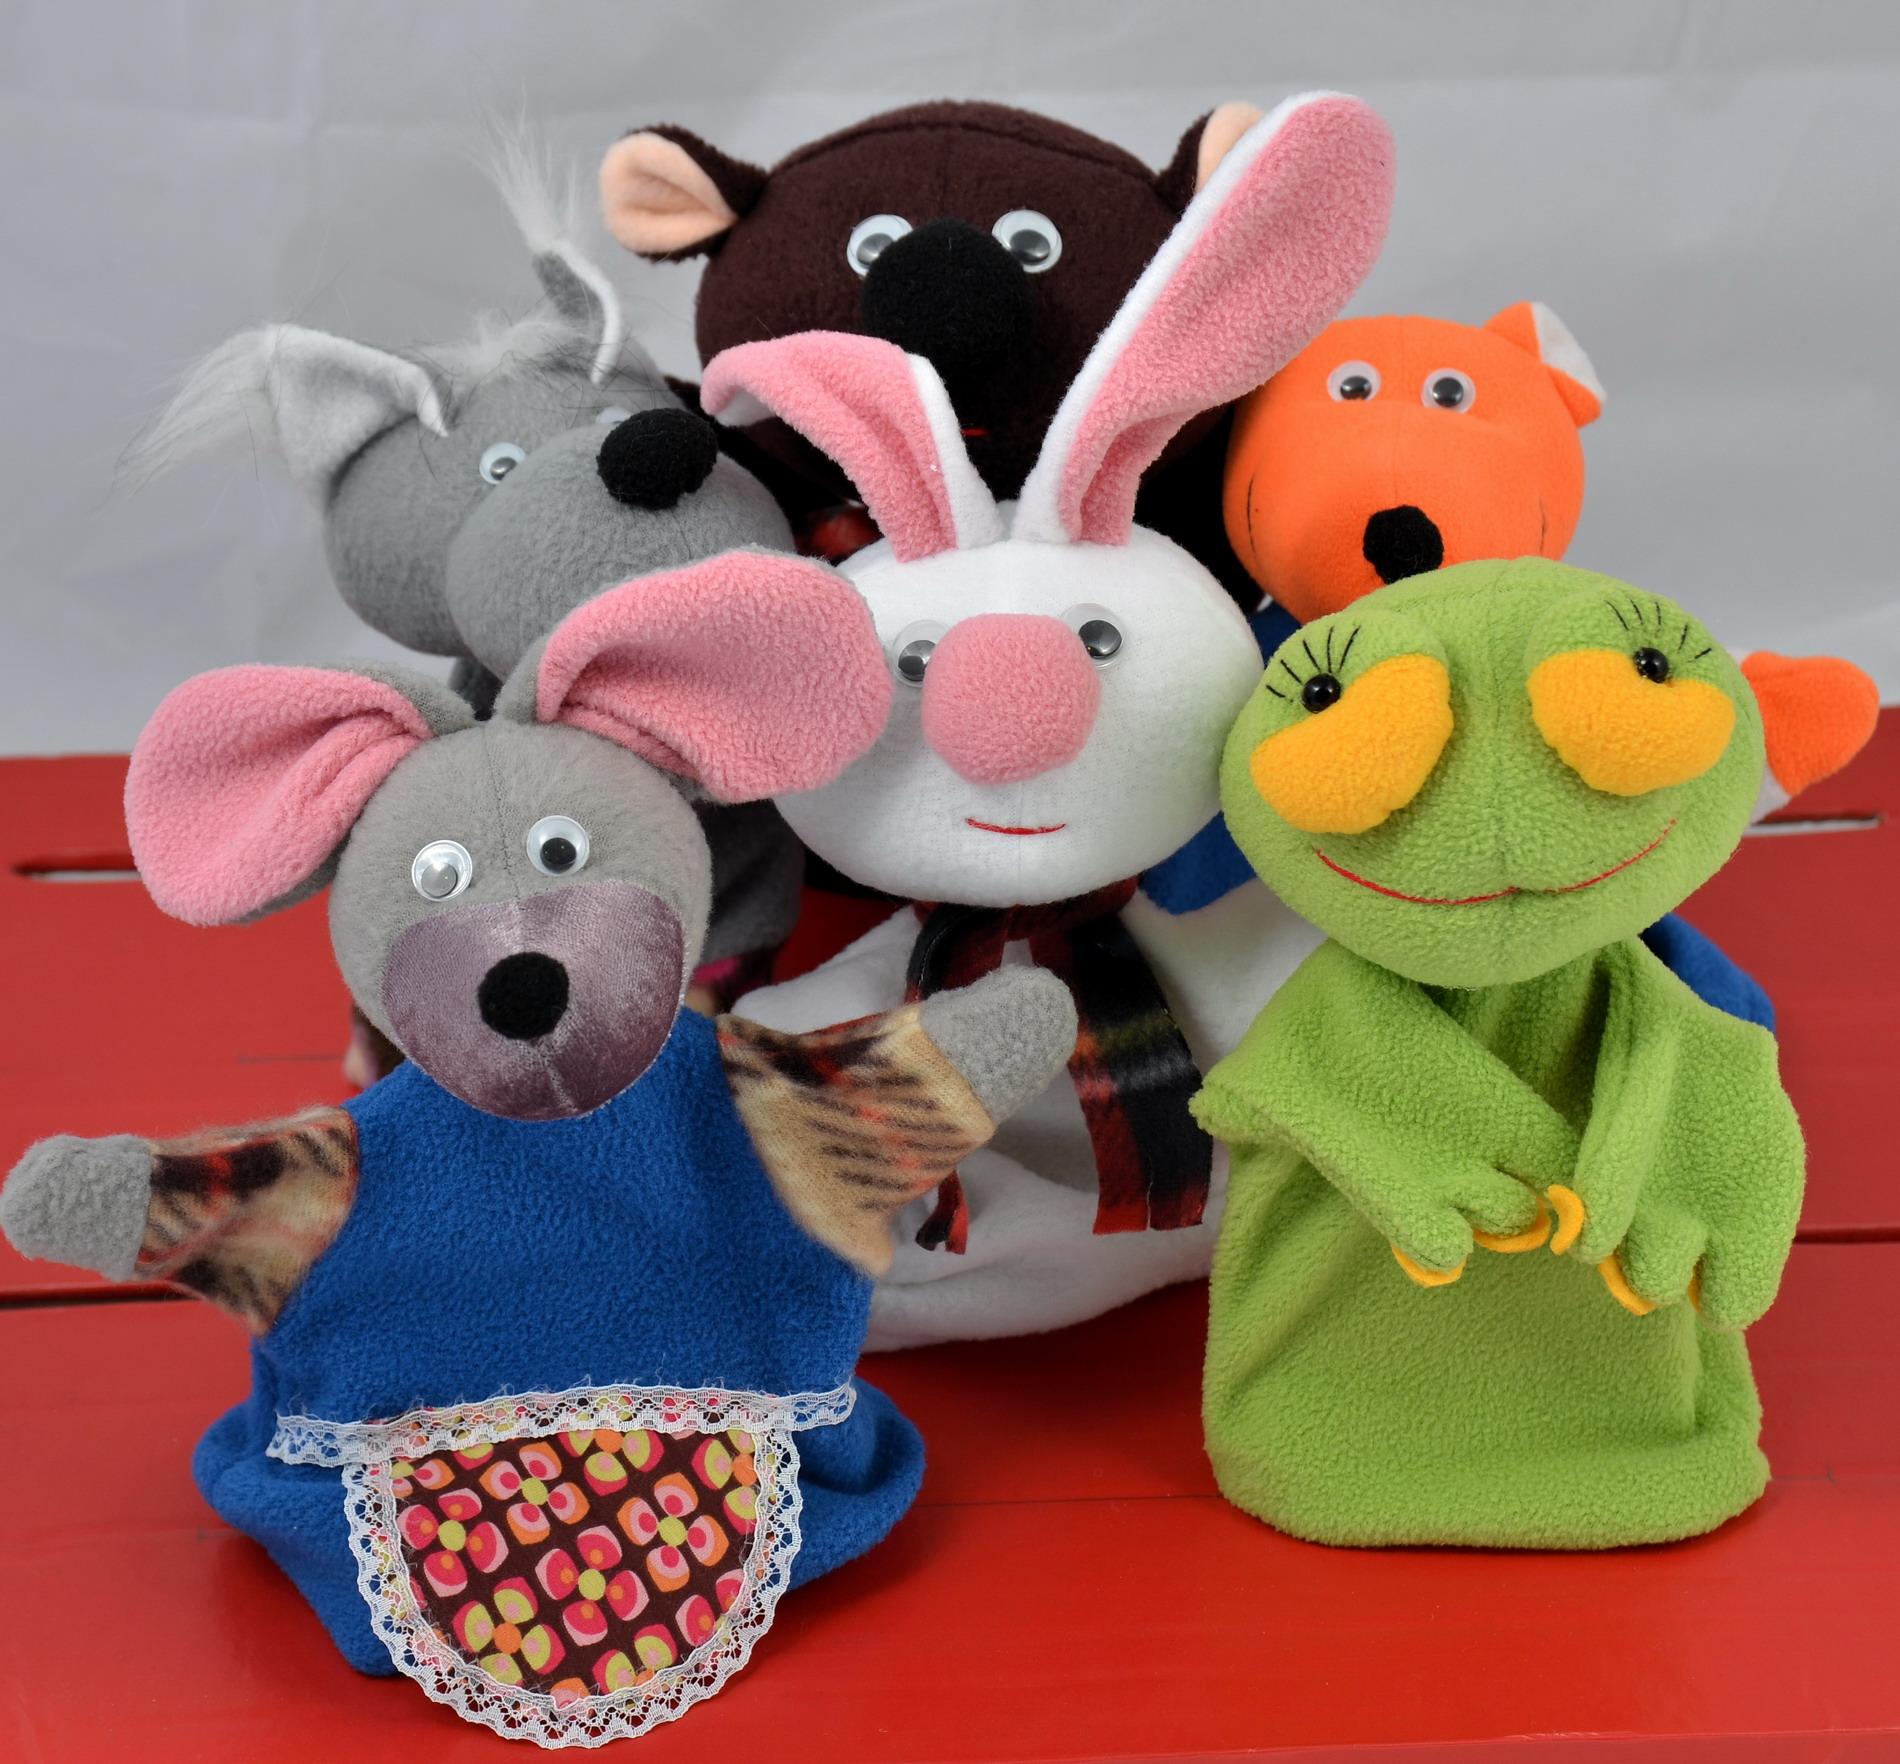 Игрушки перчатки для кукольного театра своими руками фото 317